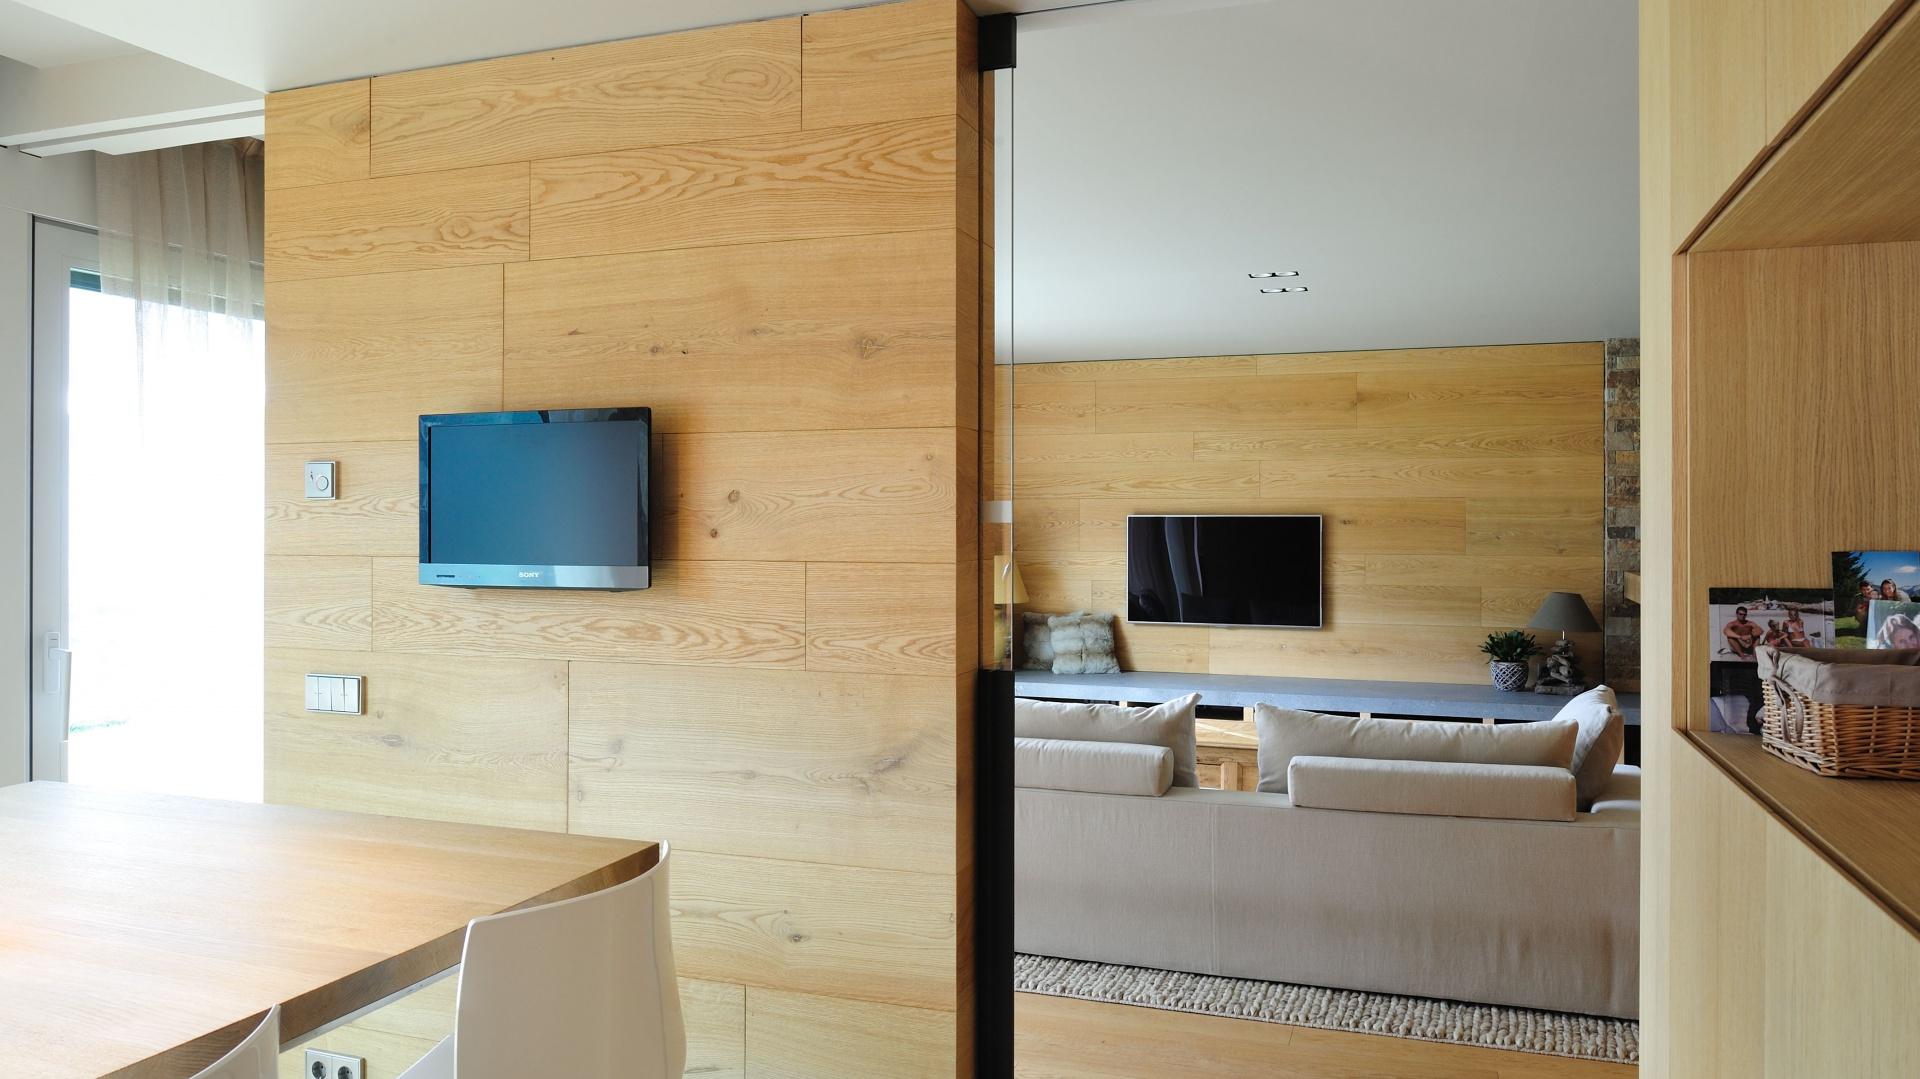 Na tej samej wysokiej zabudowie umieszczono telewizor. Projekt: Coblonal Arquitectura. Fot. Coblonal Arquitectura.